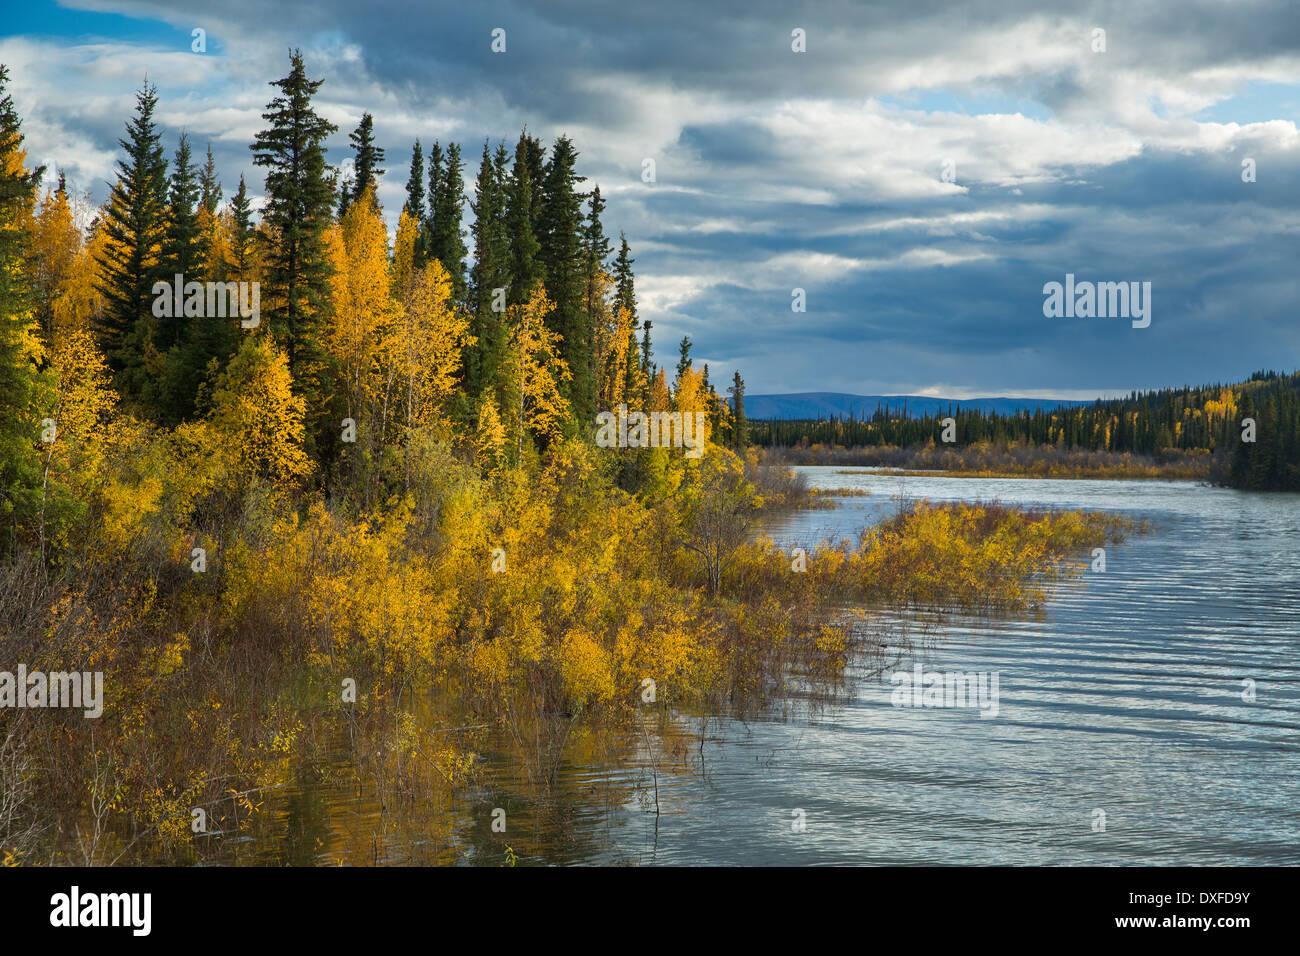 Couleurs d'automne de la forêt boréale dans la rivière Stewart Valley, Territoire du Yukon, Canada Photo Stock